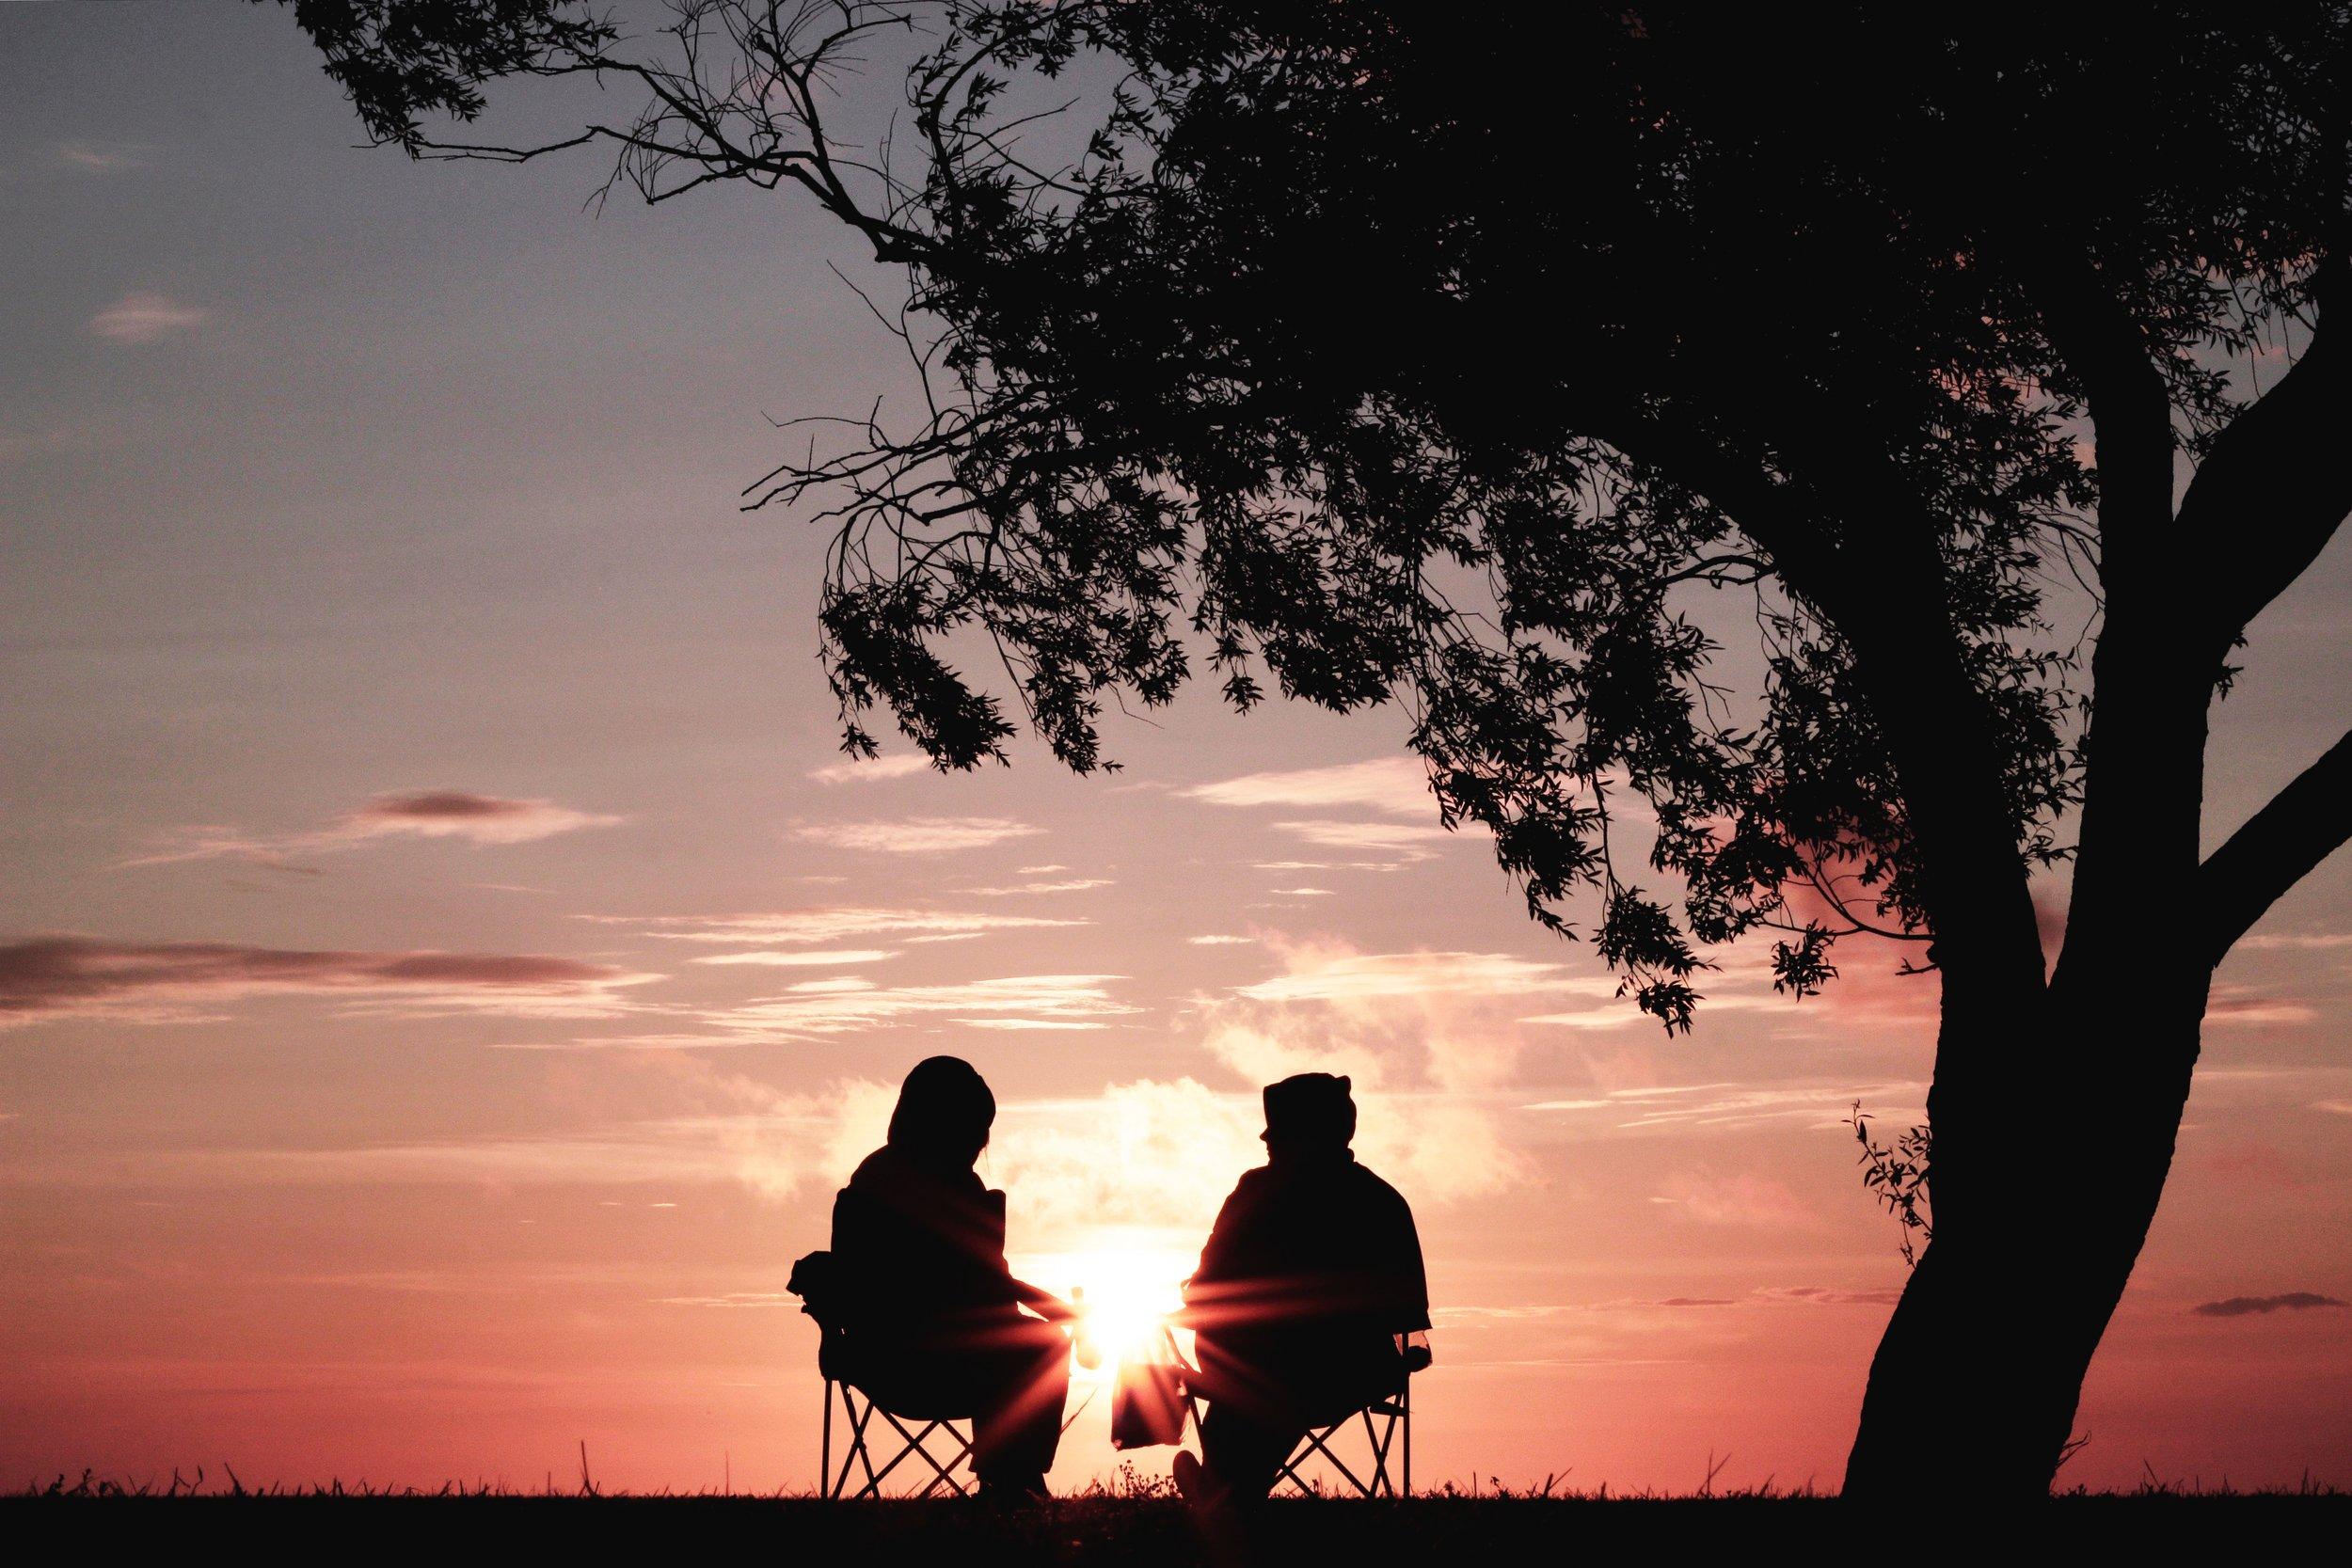 talking at sunset harli-marten.jpg